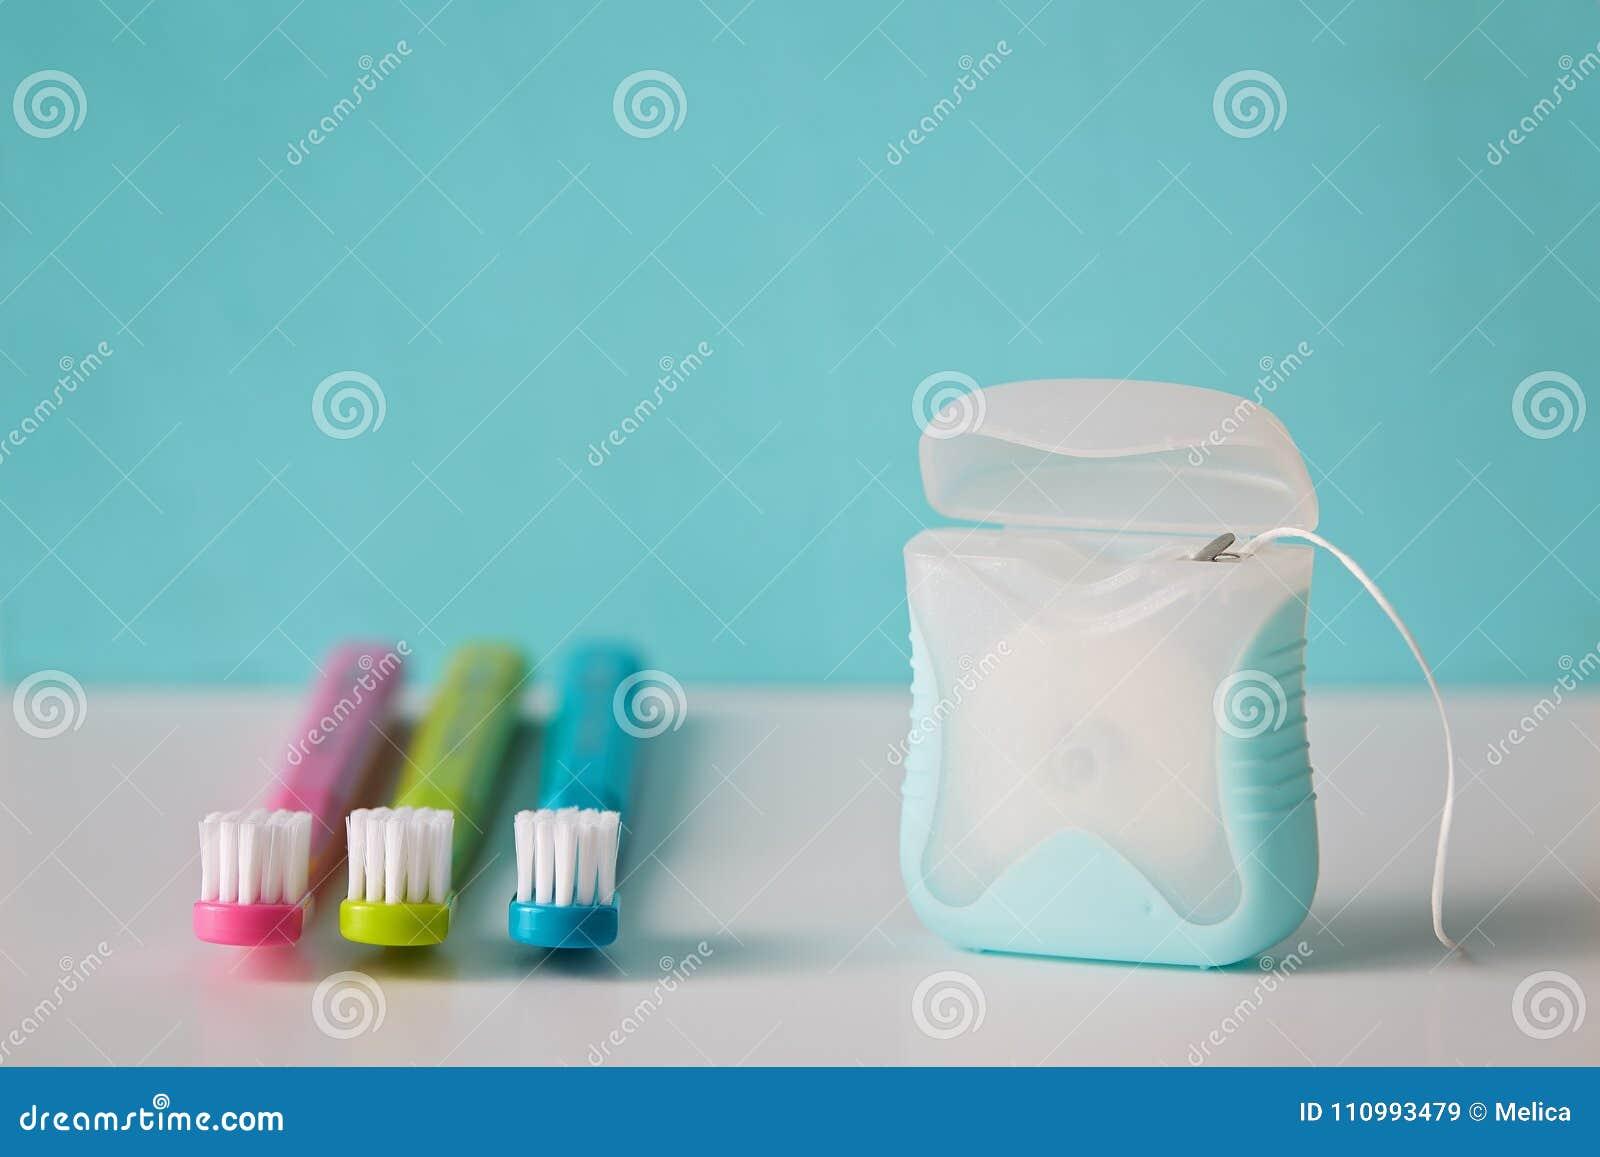 Красочные зубные щетки и зубоврачебная зубочистка